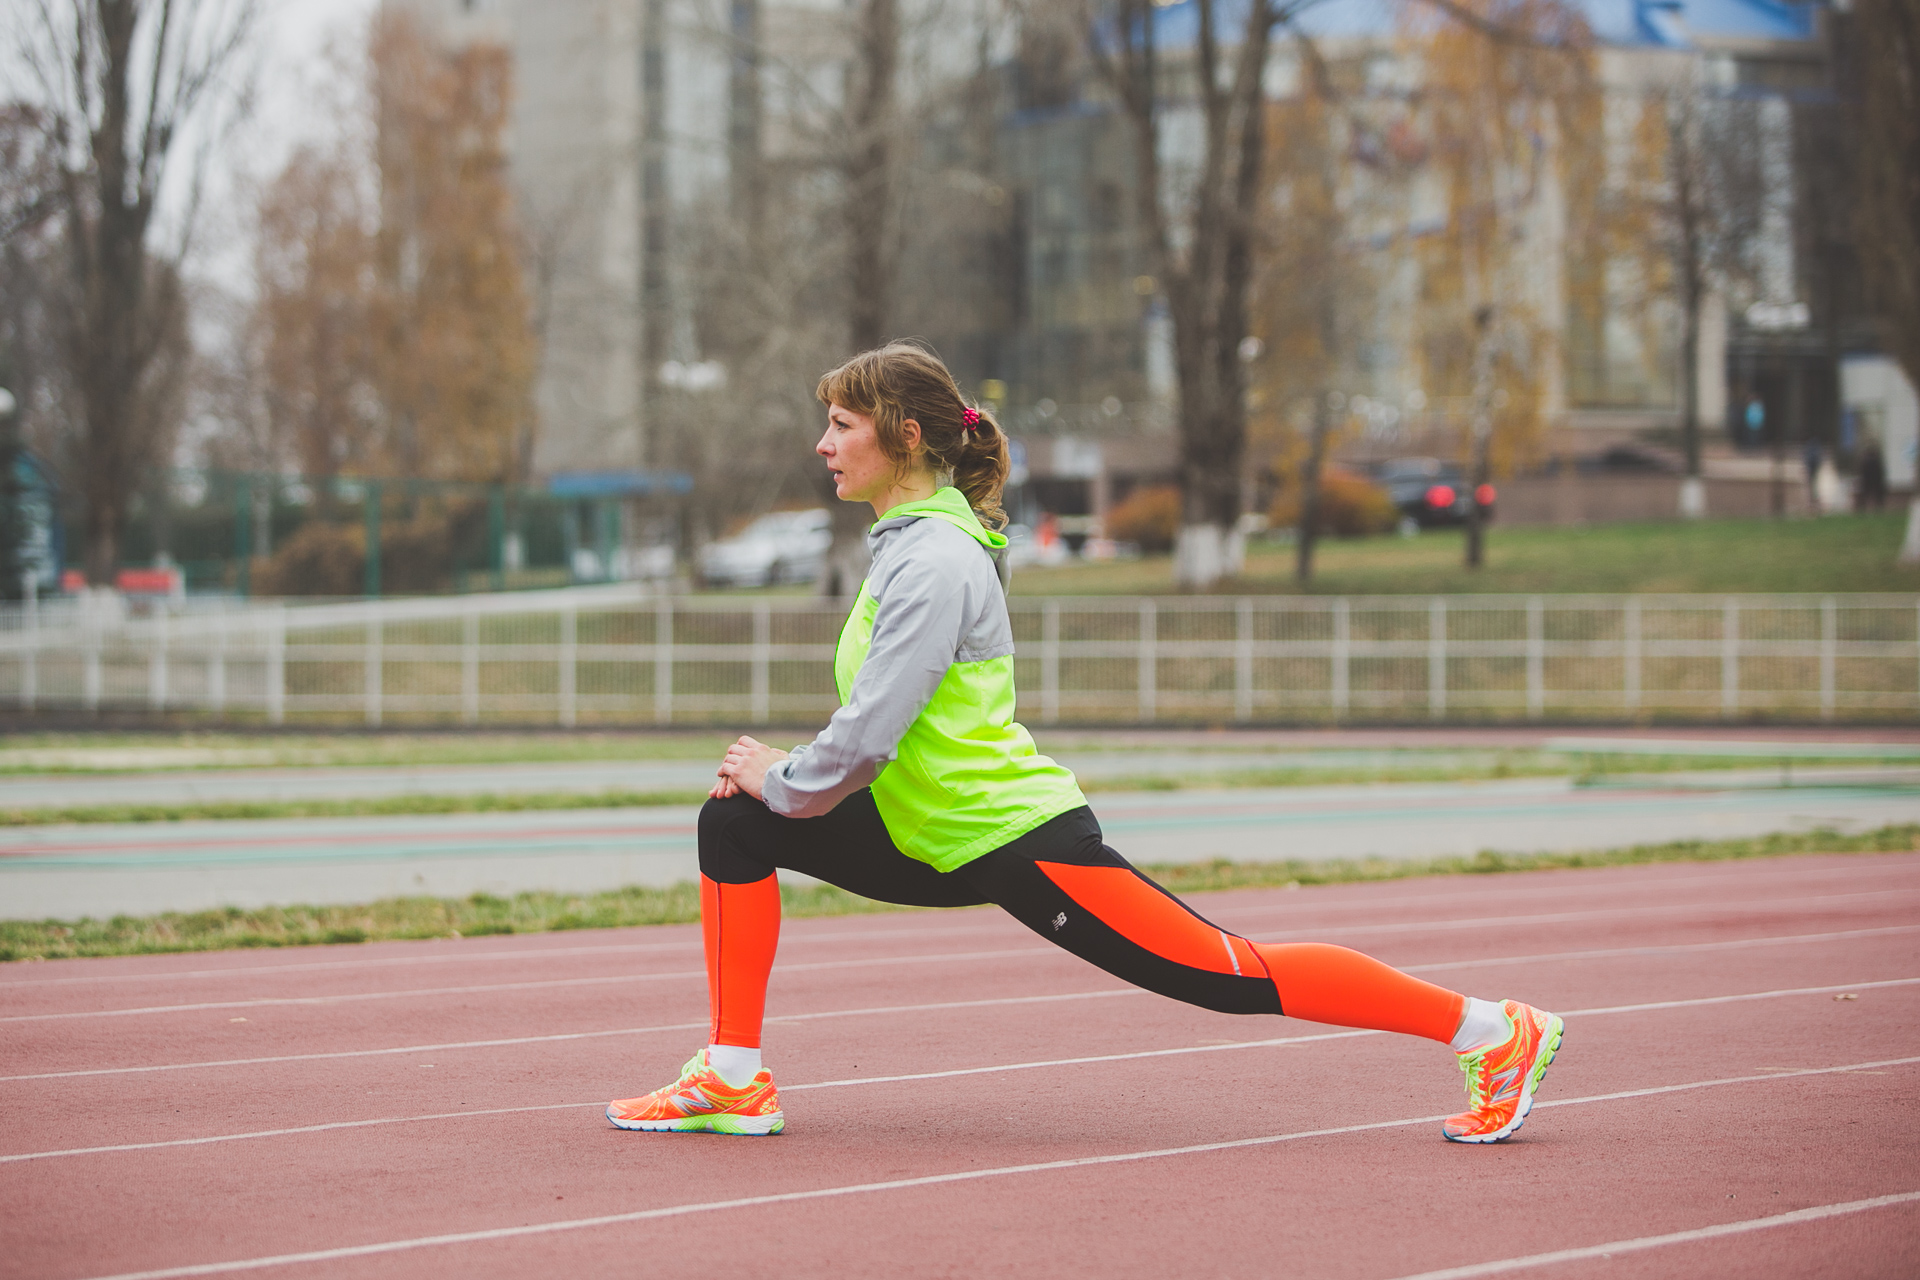 Разминка перед бегом: упражнения для начинающих, как разминаться для пробежки на разные дистанции